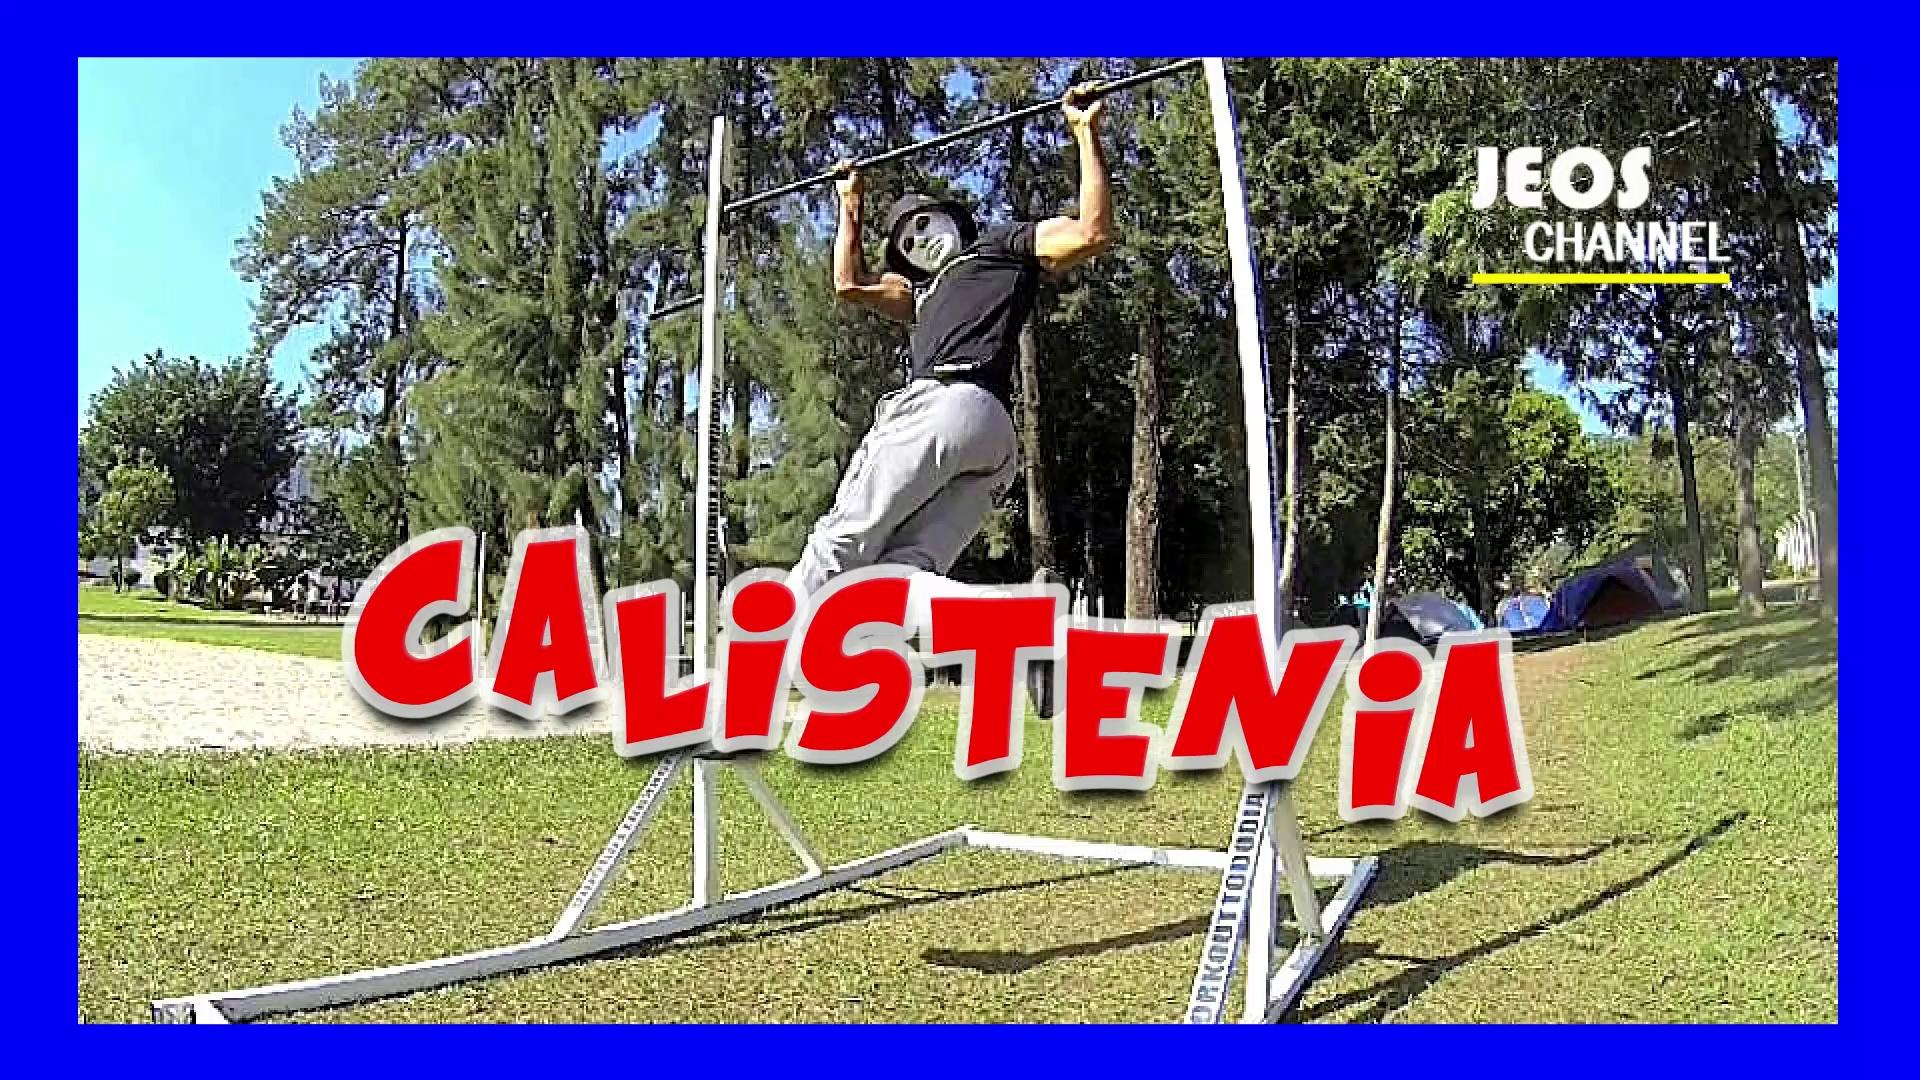 Videos nuevos *CALISTENIA* (Nuevos videos, Video Viral, Videos de calistenia, Videos entretenidos, Videos interesantes, Buenos Videos, Mejores videos, Videos virales)